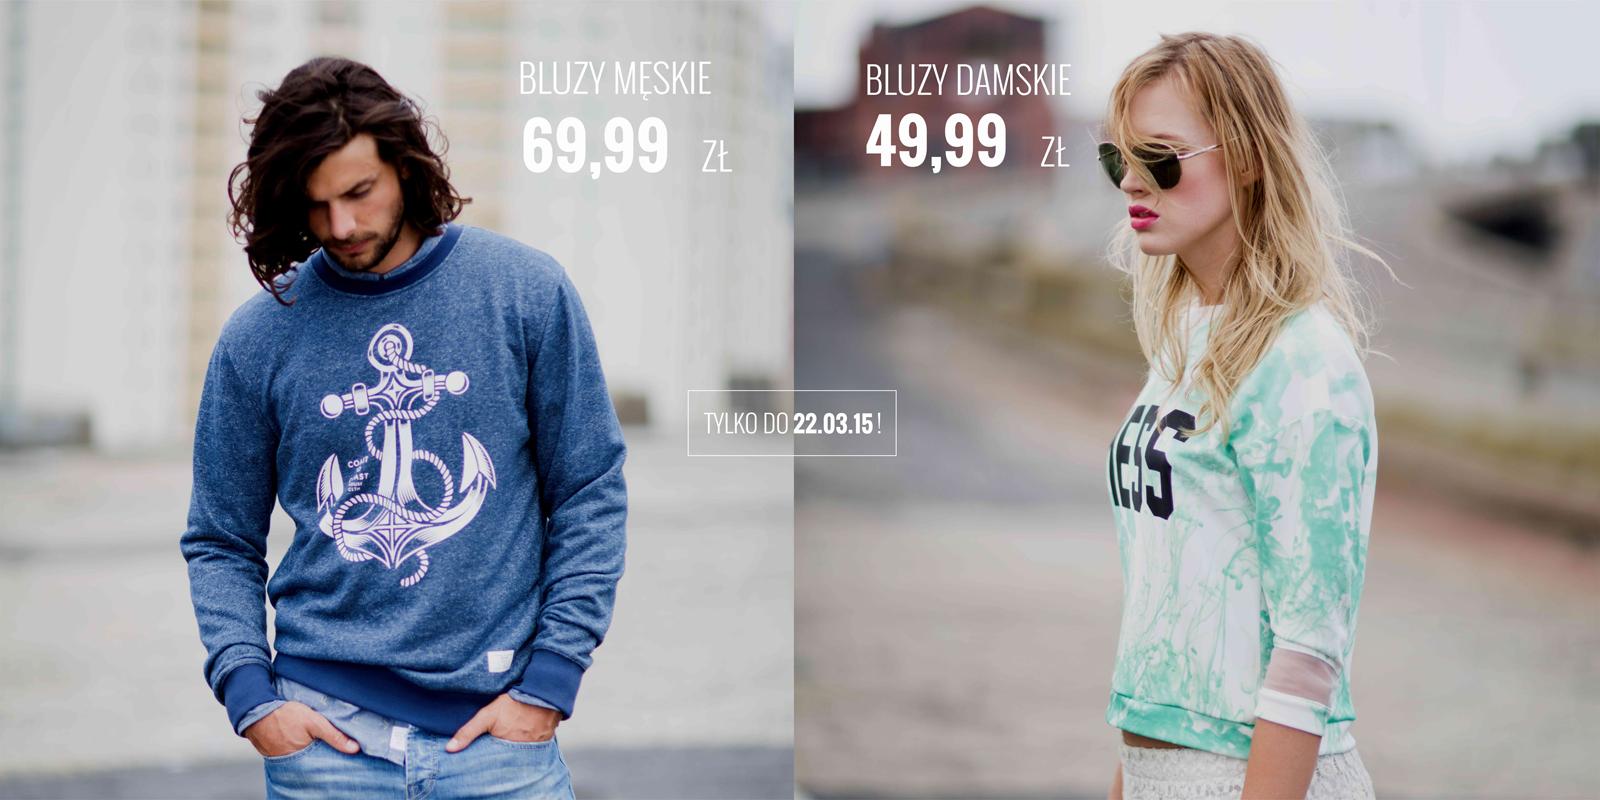 Bluzy damskie za 49,99zł, męskie za 69,99zł @ House